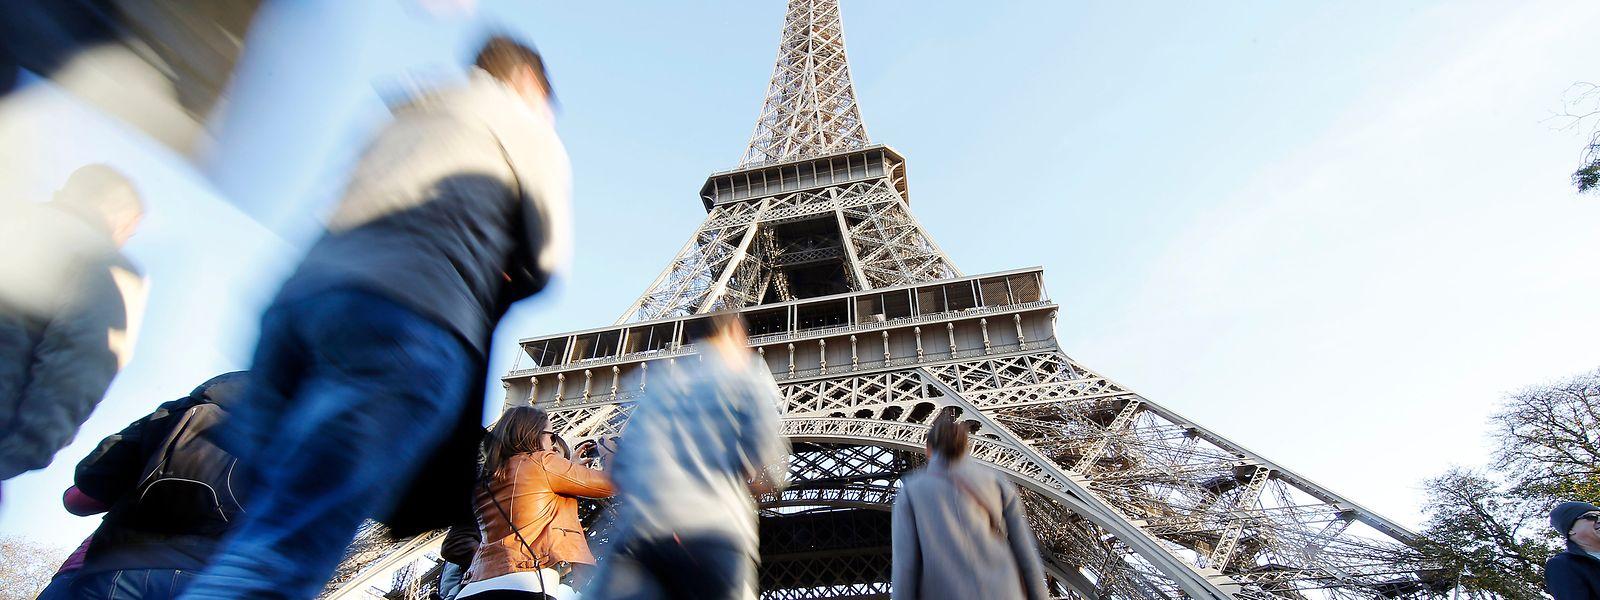 Rund sieben Millionen zahlende Besucher zählt der Eiffelturm im Jahr.